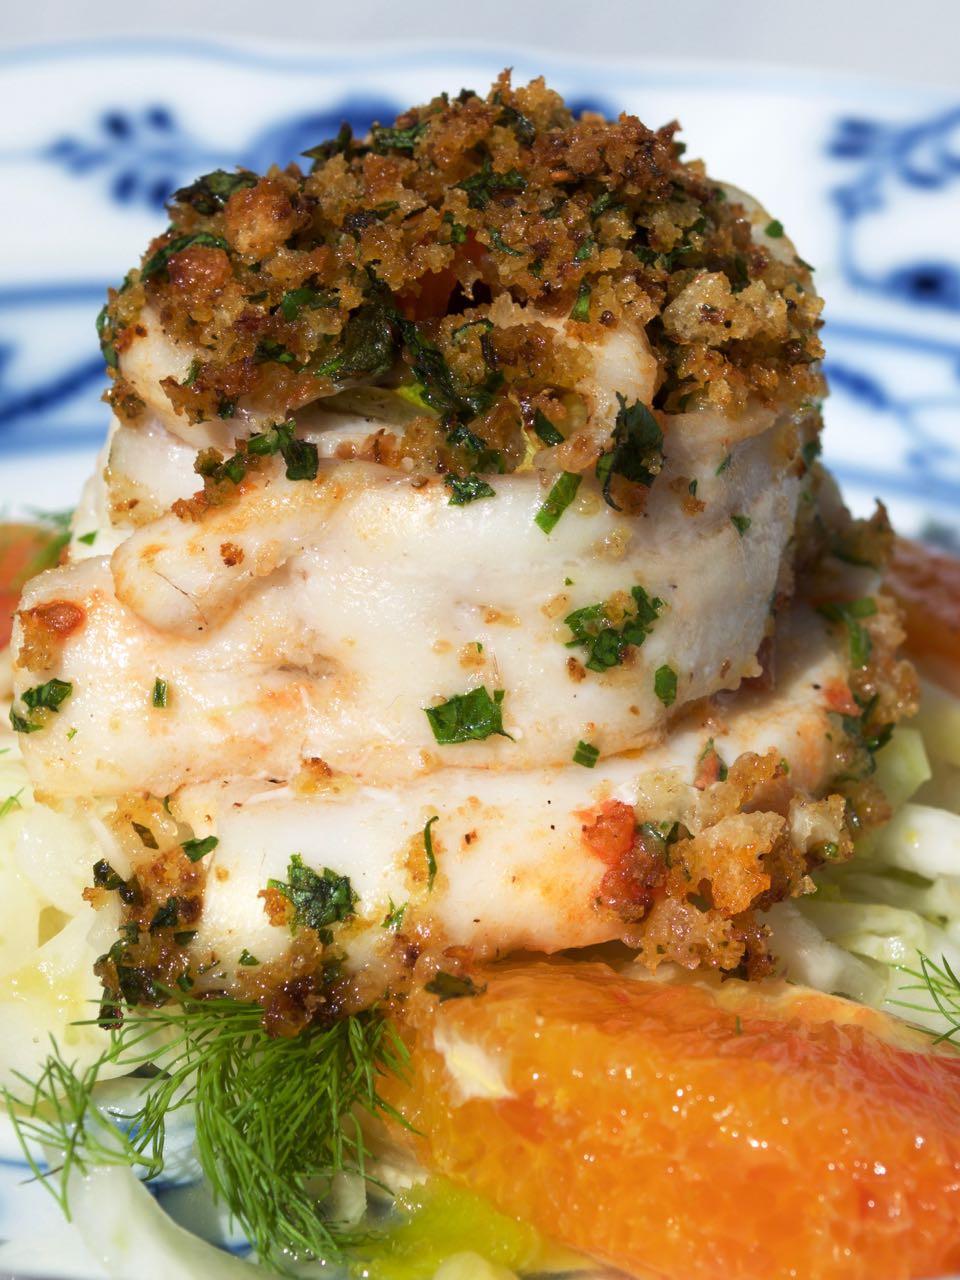 Involtino di pesce spatola con insalata di finocchio agli agrumi - Paddlefish roulade with fennel salad with citrus fruits